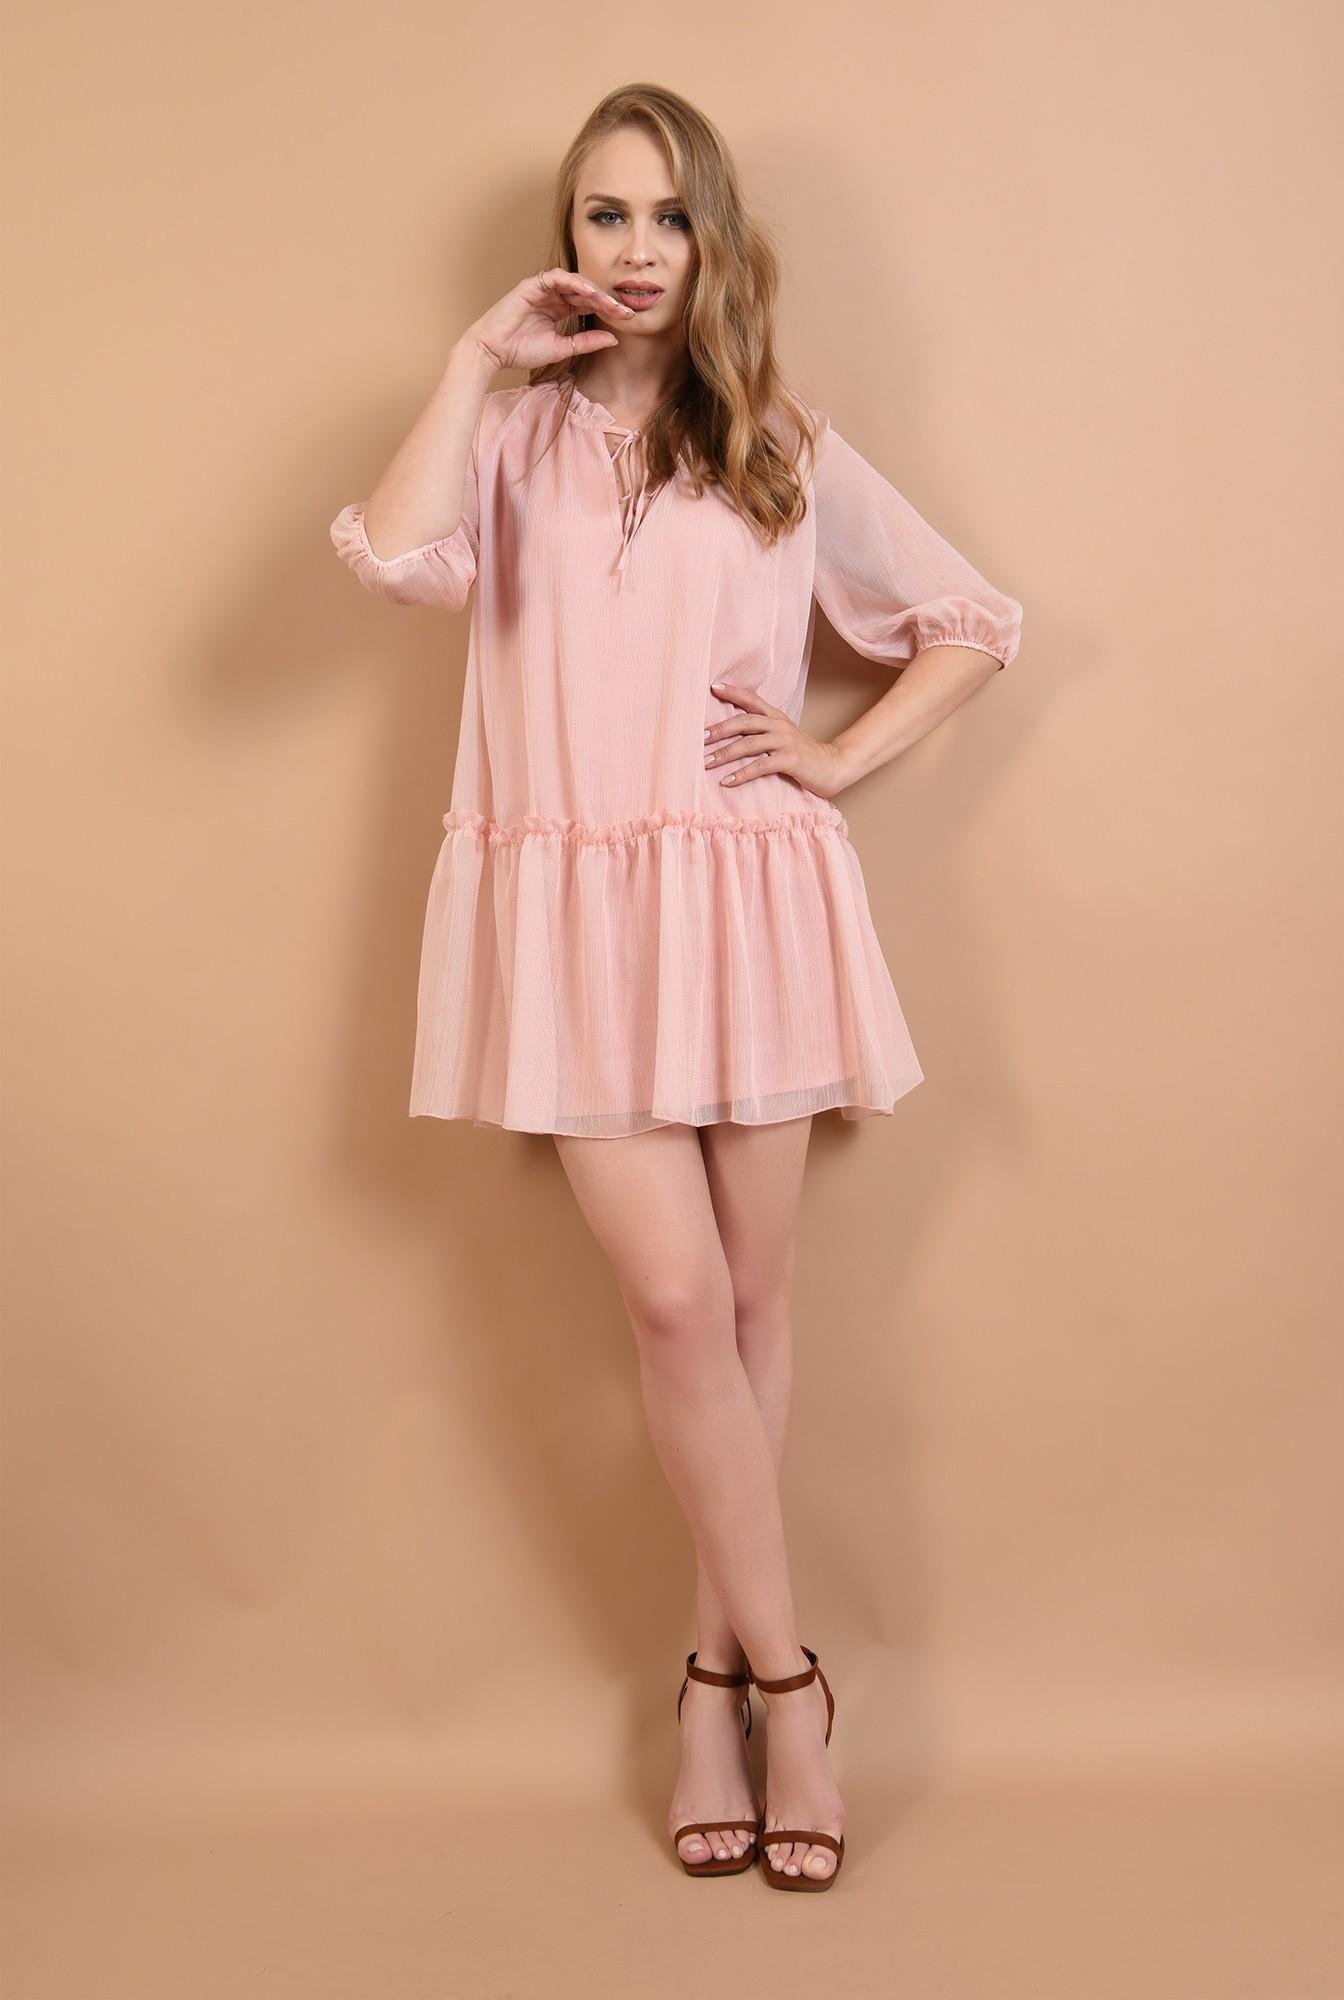 0 - 360 - rochie evazata, cu guler incretit, cu snur, roz, Poema